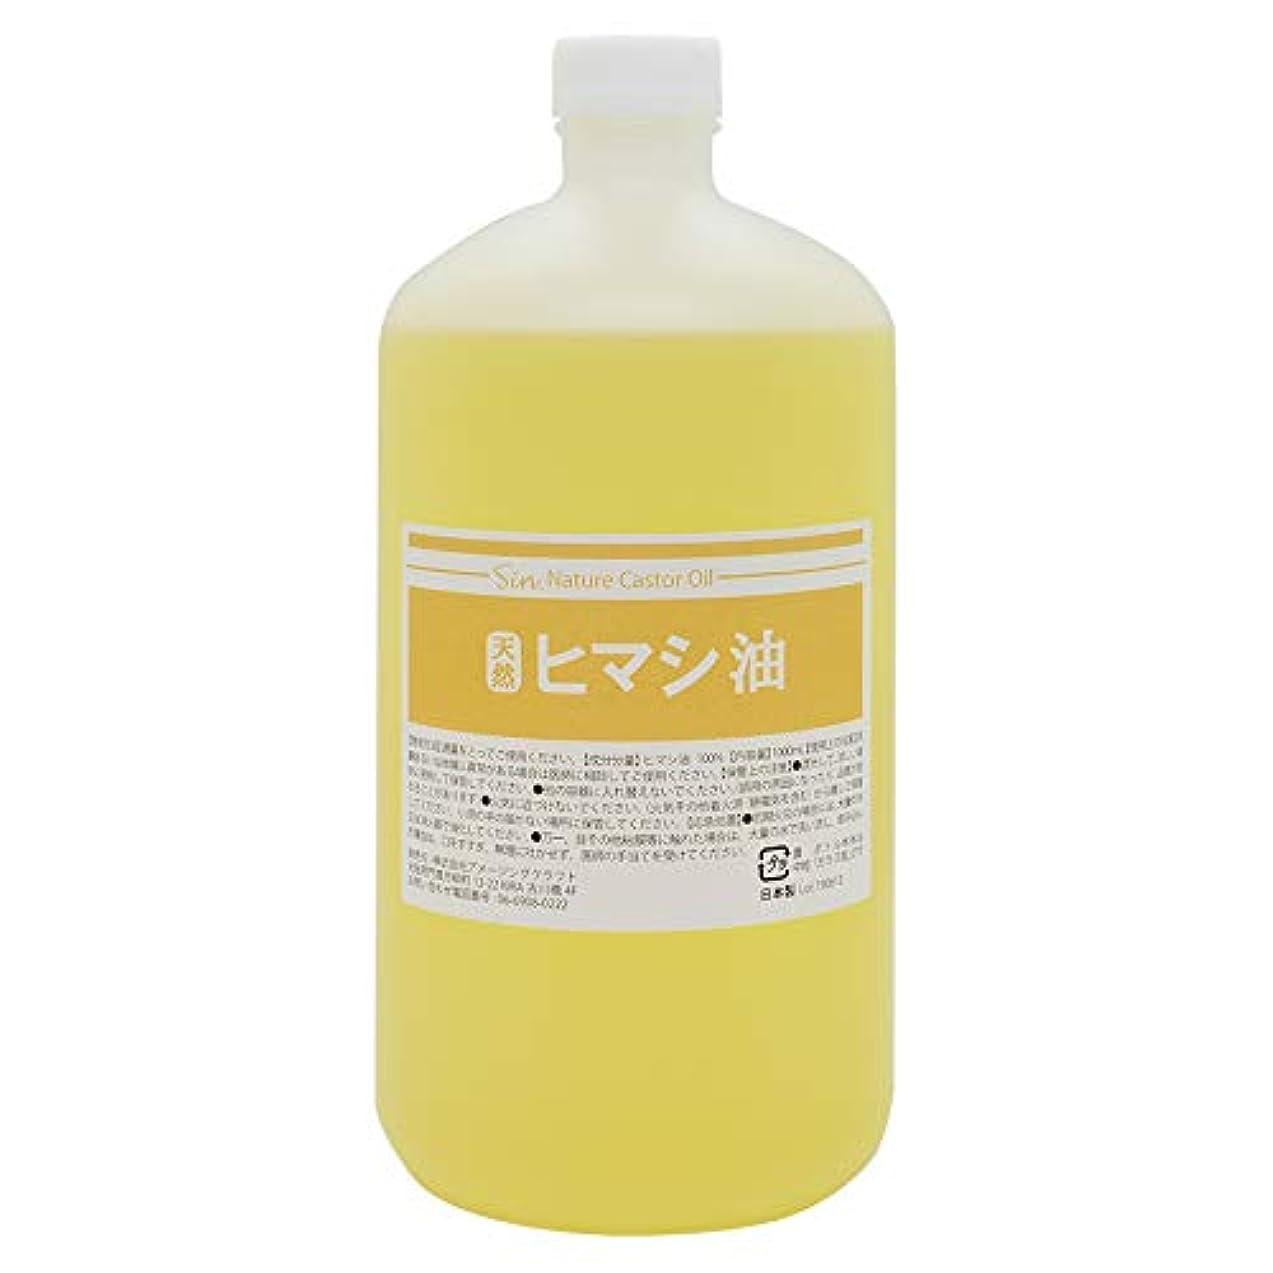 タオル警告起訴する天然無添加 国内精製 ひまし油 1000ml (ヒマシ油 キャスターオイル)